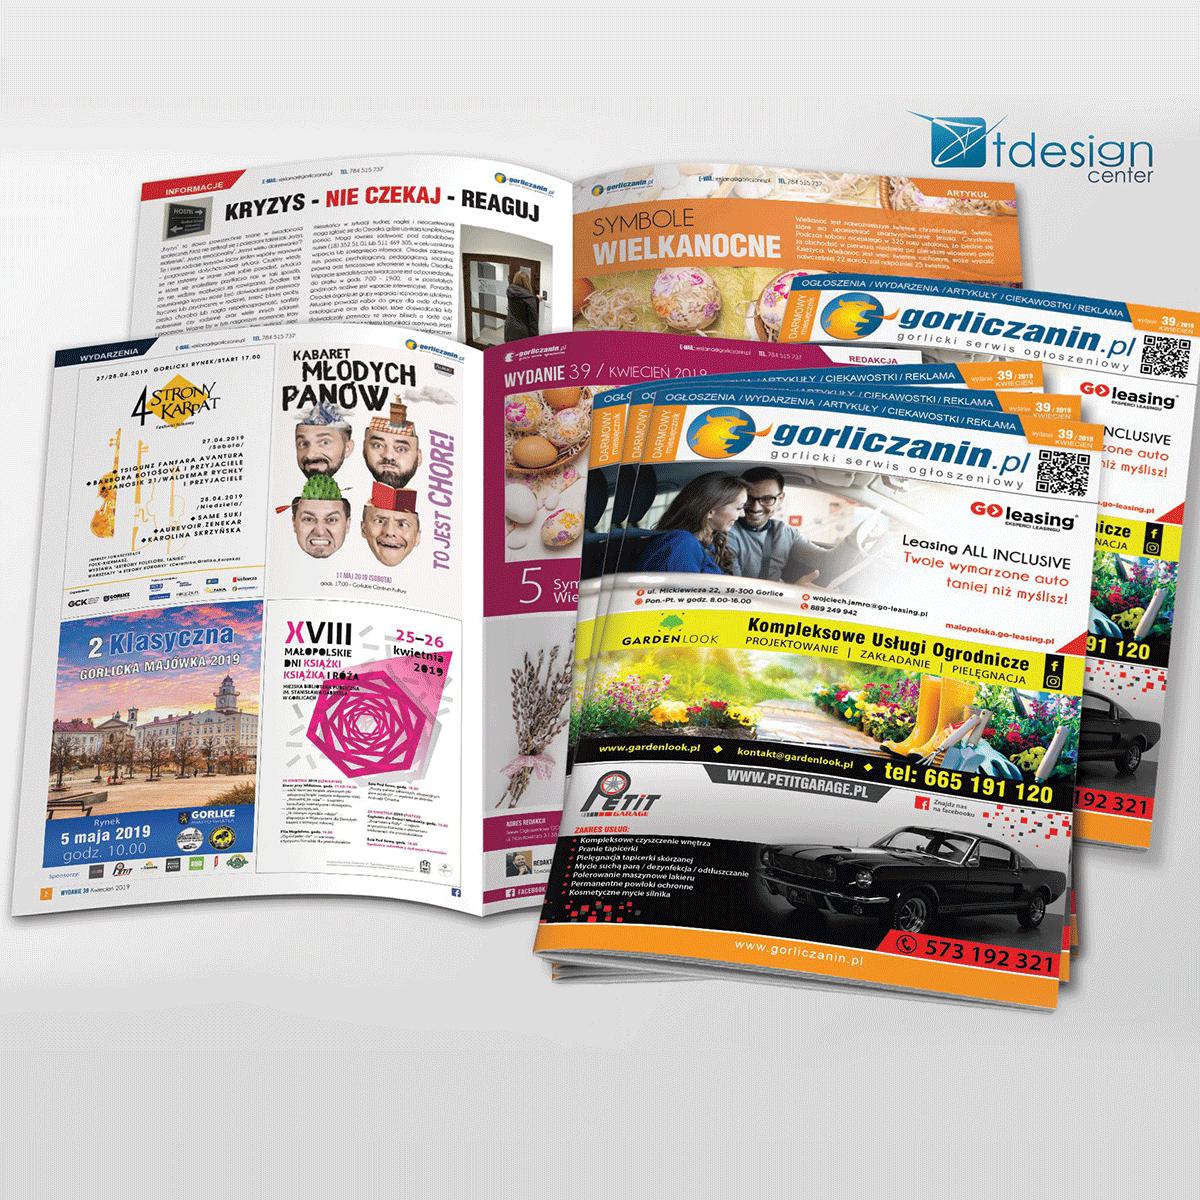 Skład DTP + druk, gorliczanin.pl wydanie nr 39